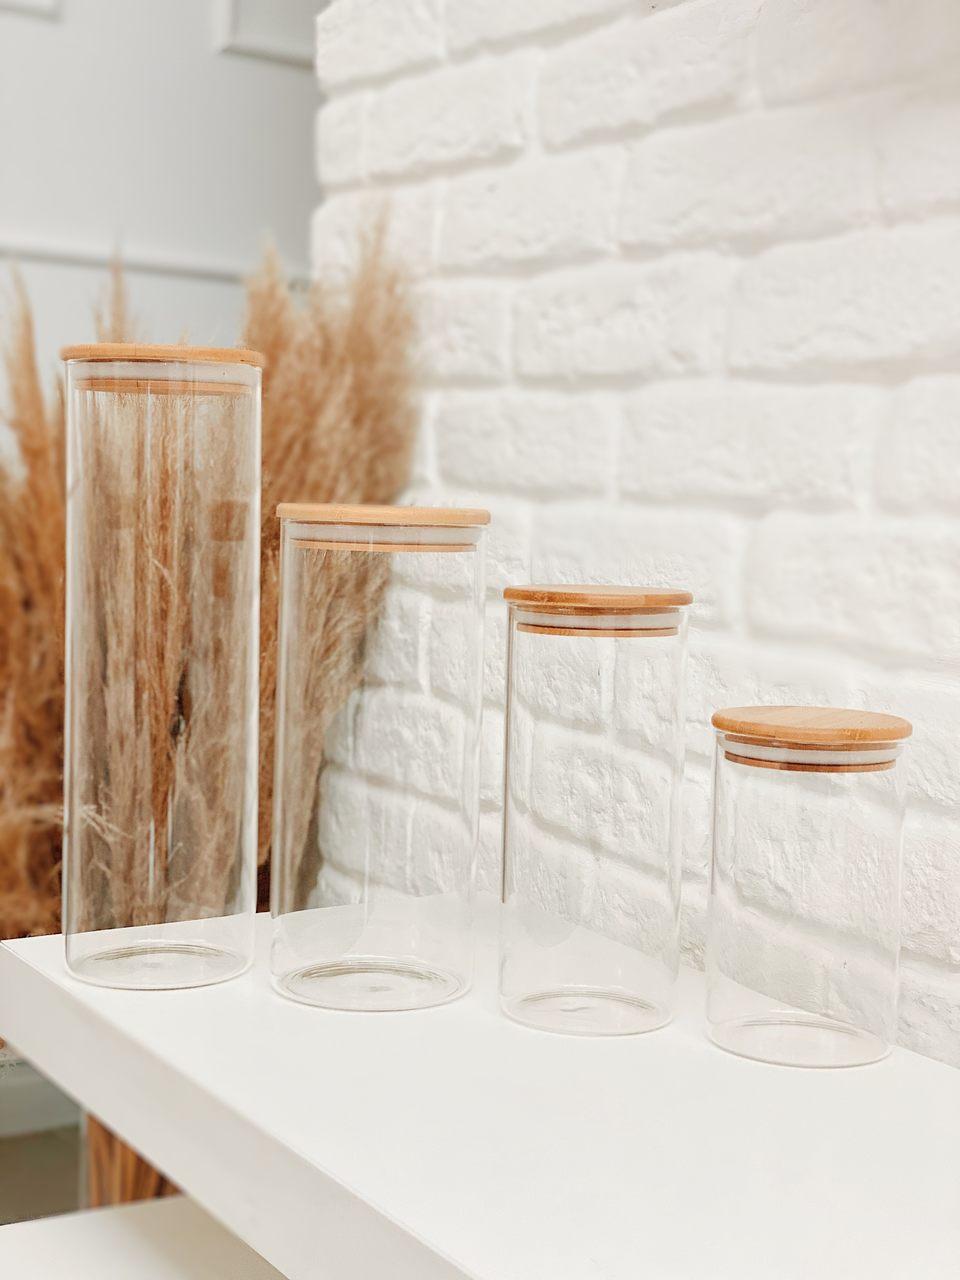 Kit Pote de Vidro com Tampa de Bambu - 4 Peças  - CASACOBRE